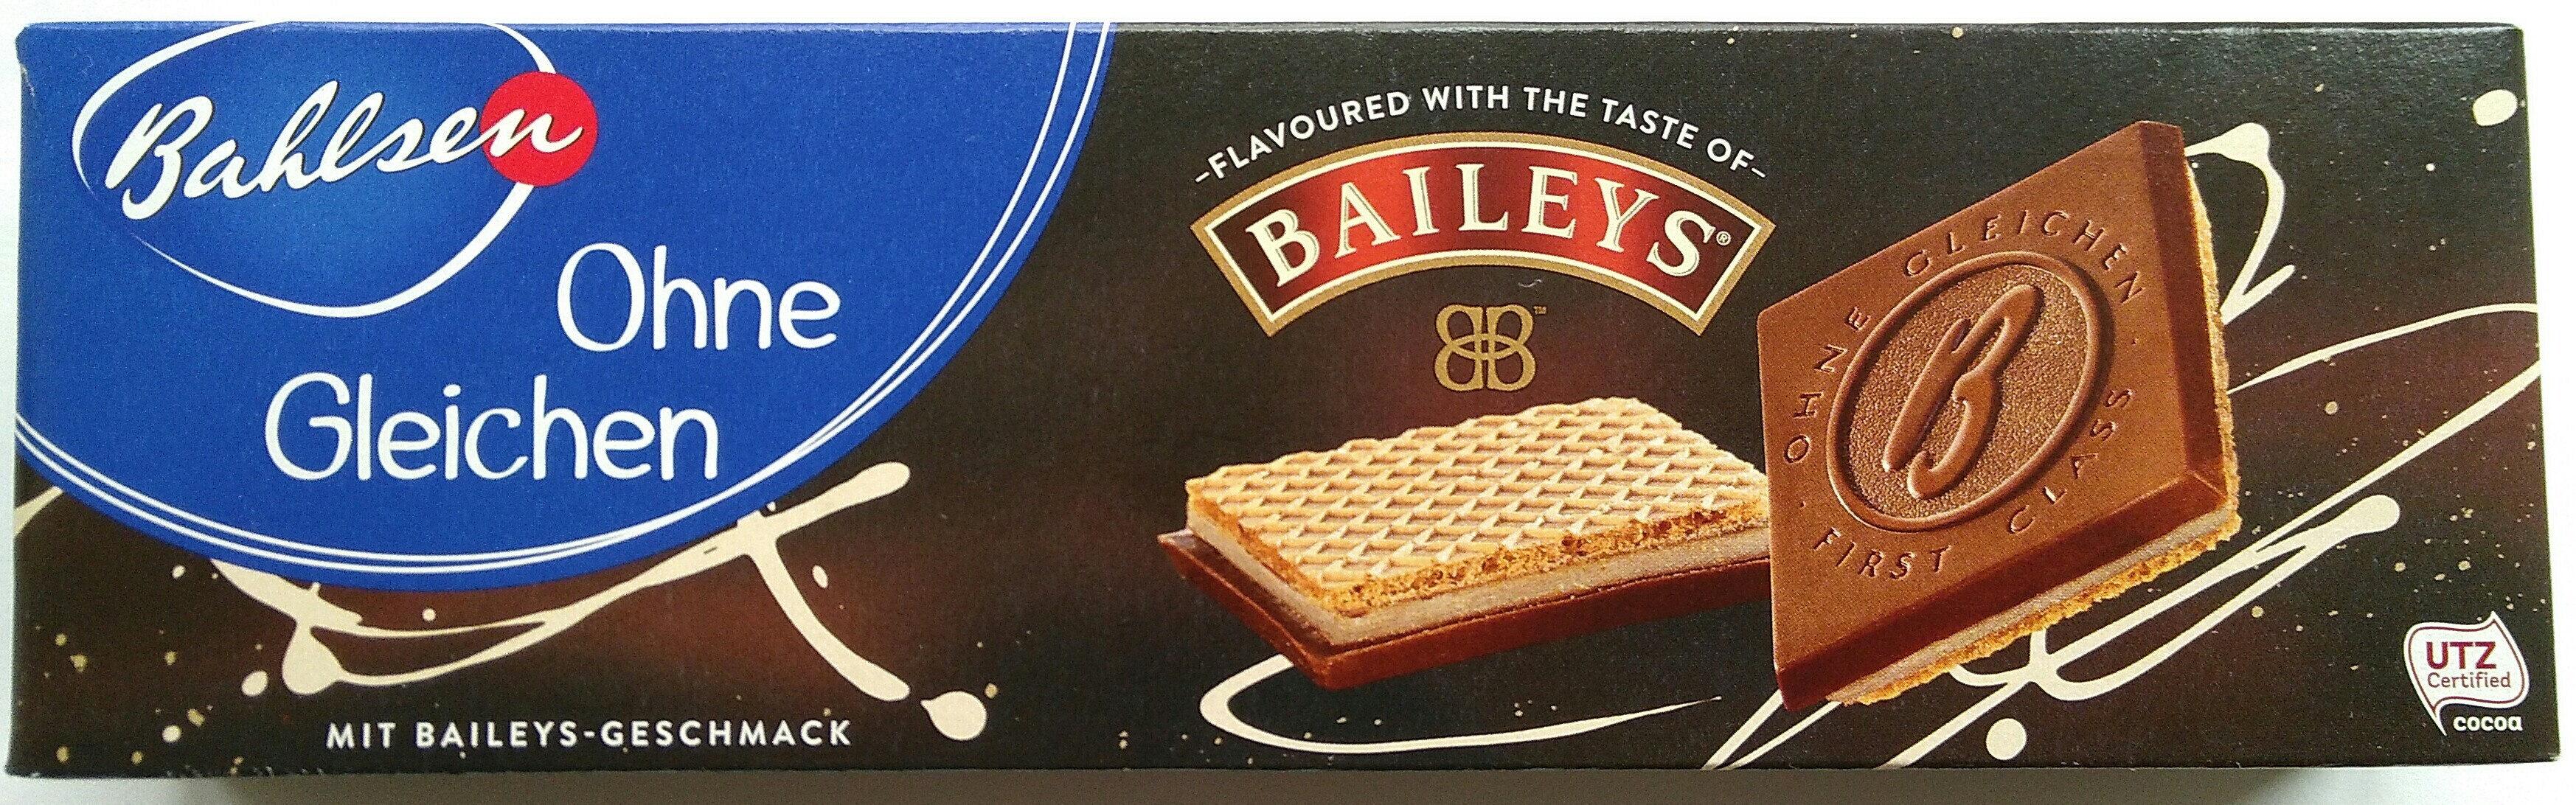 Ohne Gleichen Baileys - Produkt - de